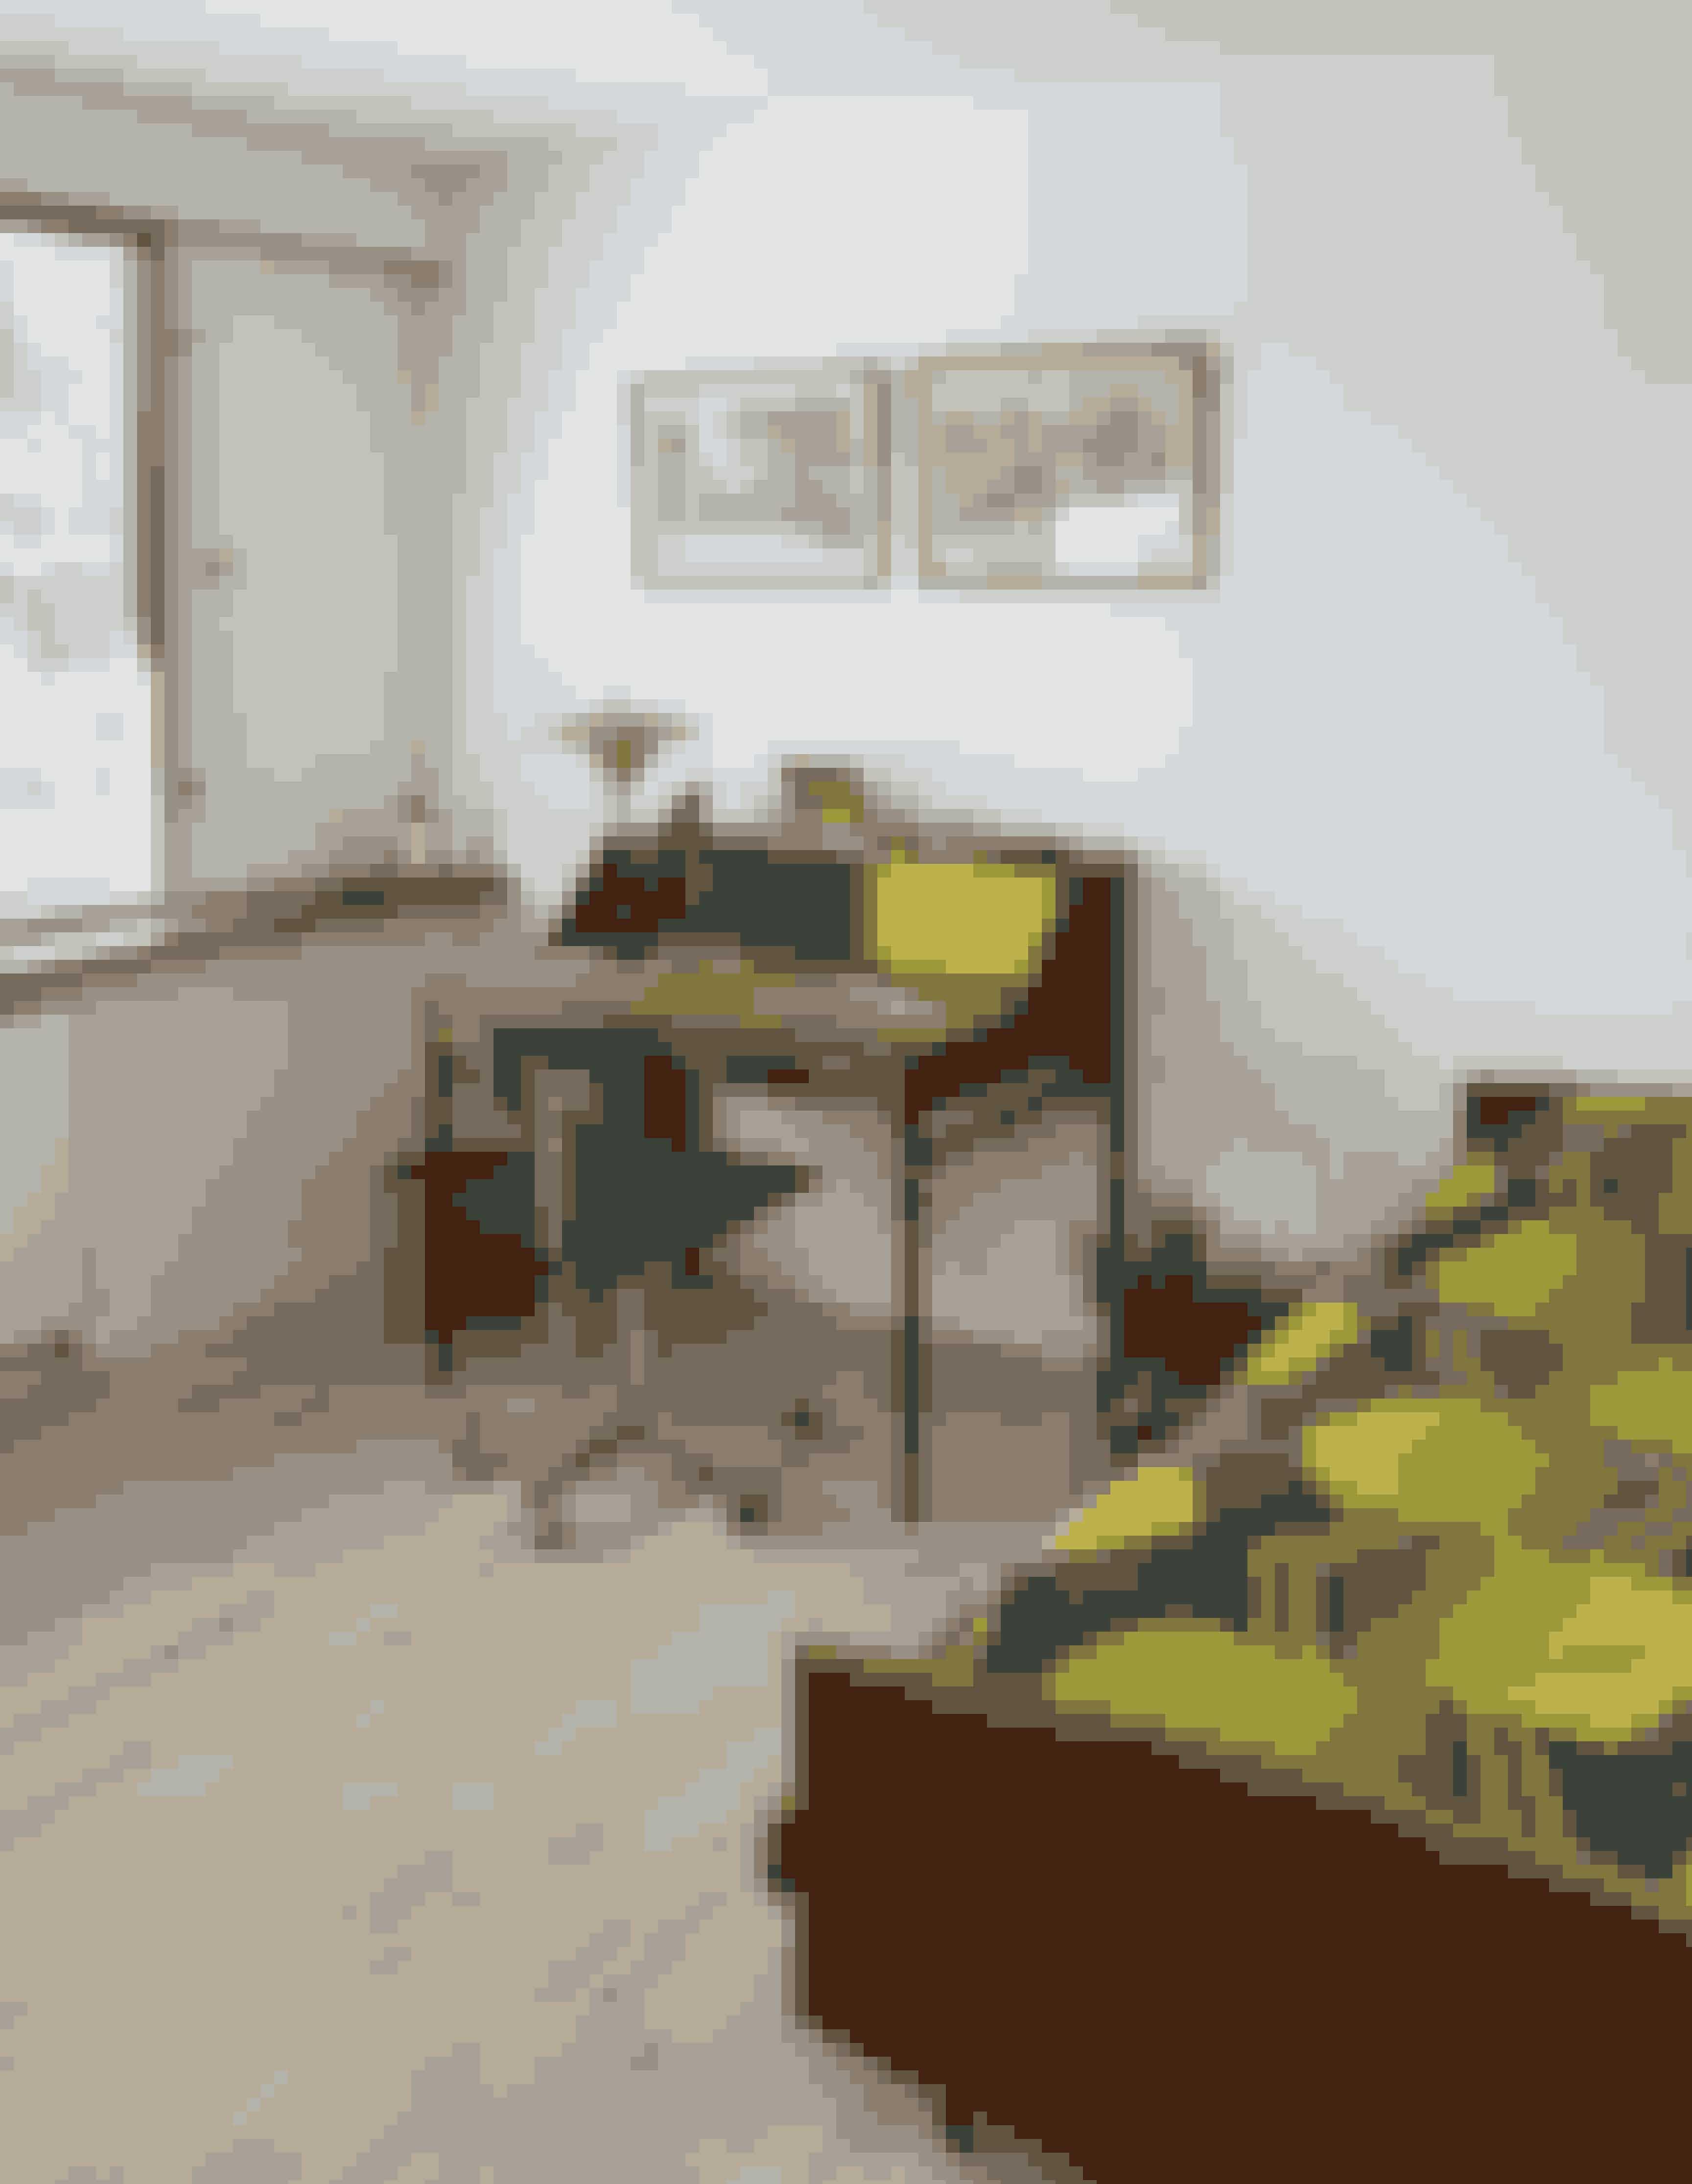 Sengene i gæsteværelset er de originale teaktræssenge. For at understrege stilen har Sasse syet et sengetæppe af sin svogers gardiner fra 1970'erne. Skrivebordet er af møbelsnedker Martin Kaufmanas. Kevi-stolen med grønt uldbetræk er et arvestykke ligesom PH-lampen i bruneret messing. Tegningerne er lavet af Nulle Øigaard og Ib Spang Olsen, som Stigs forældre har købt direkte af tegnerne tilbage i 70'erne.